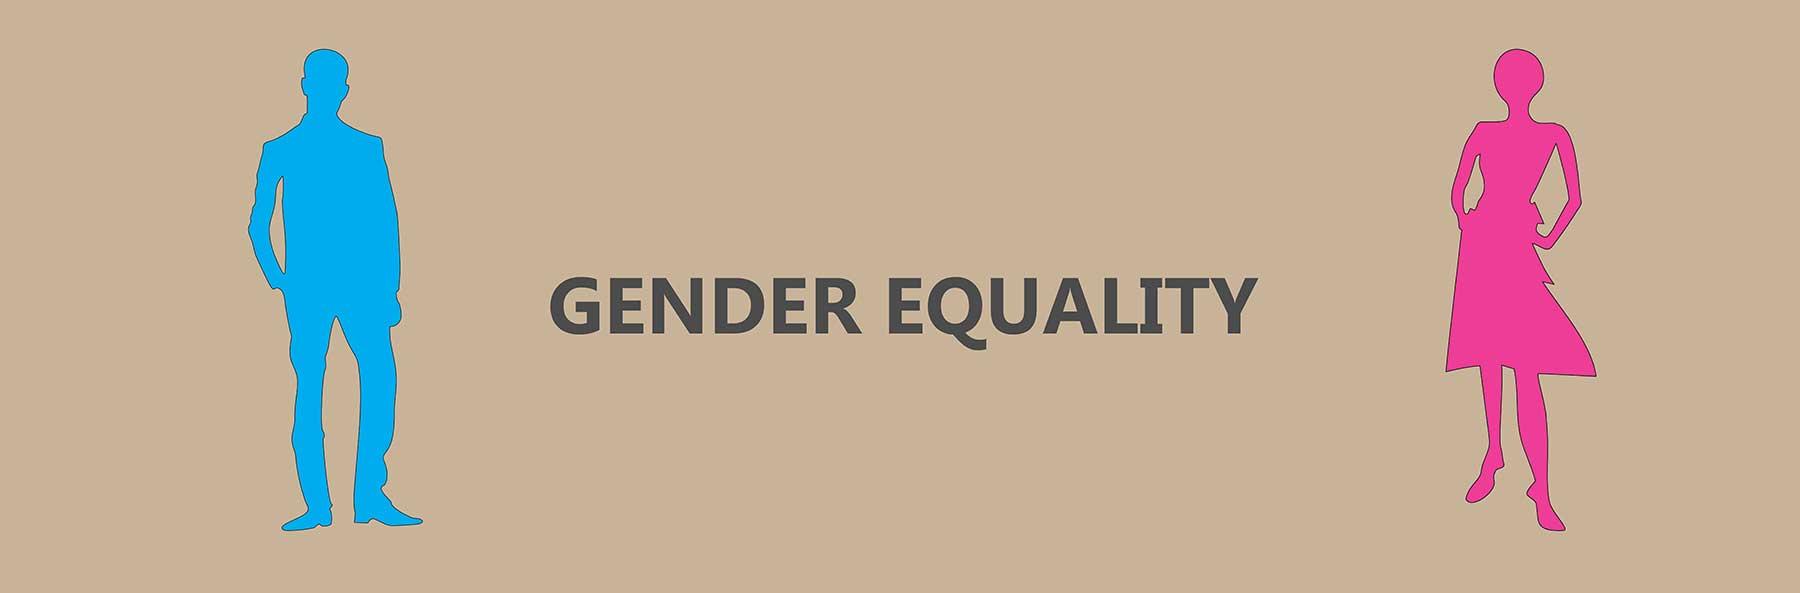 gender-equality-banner